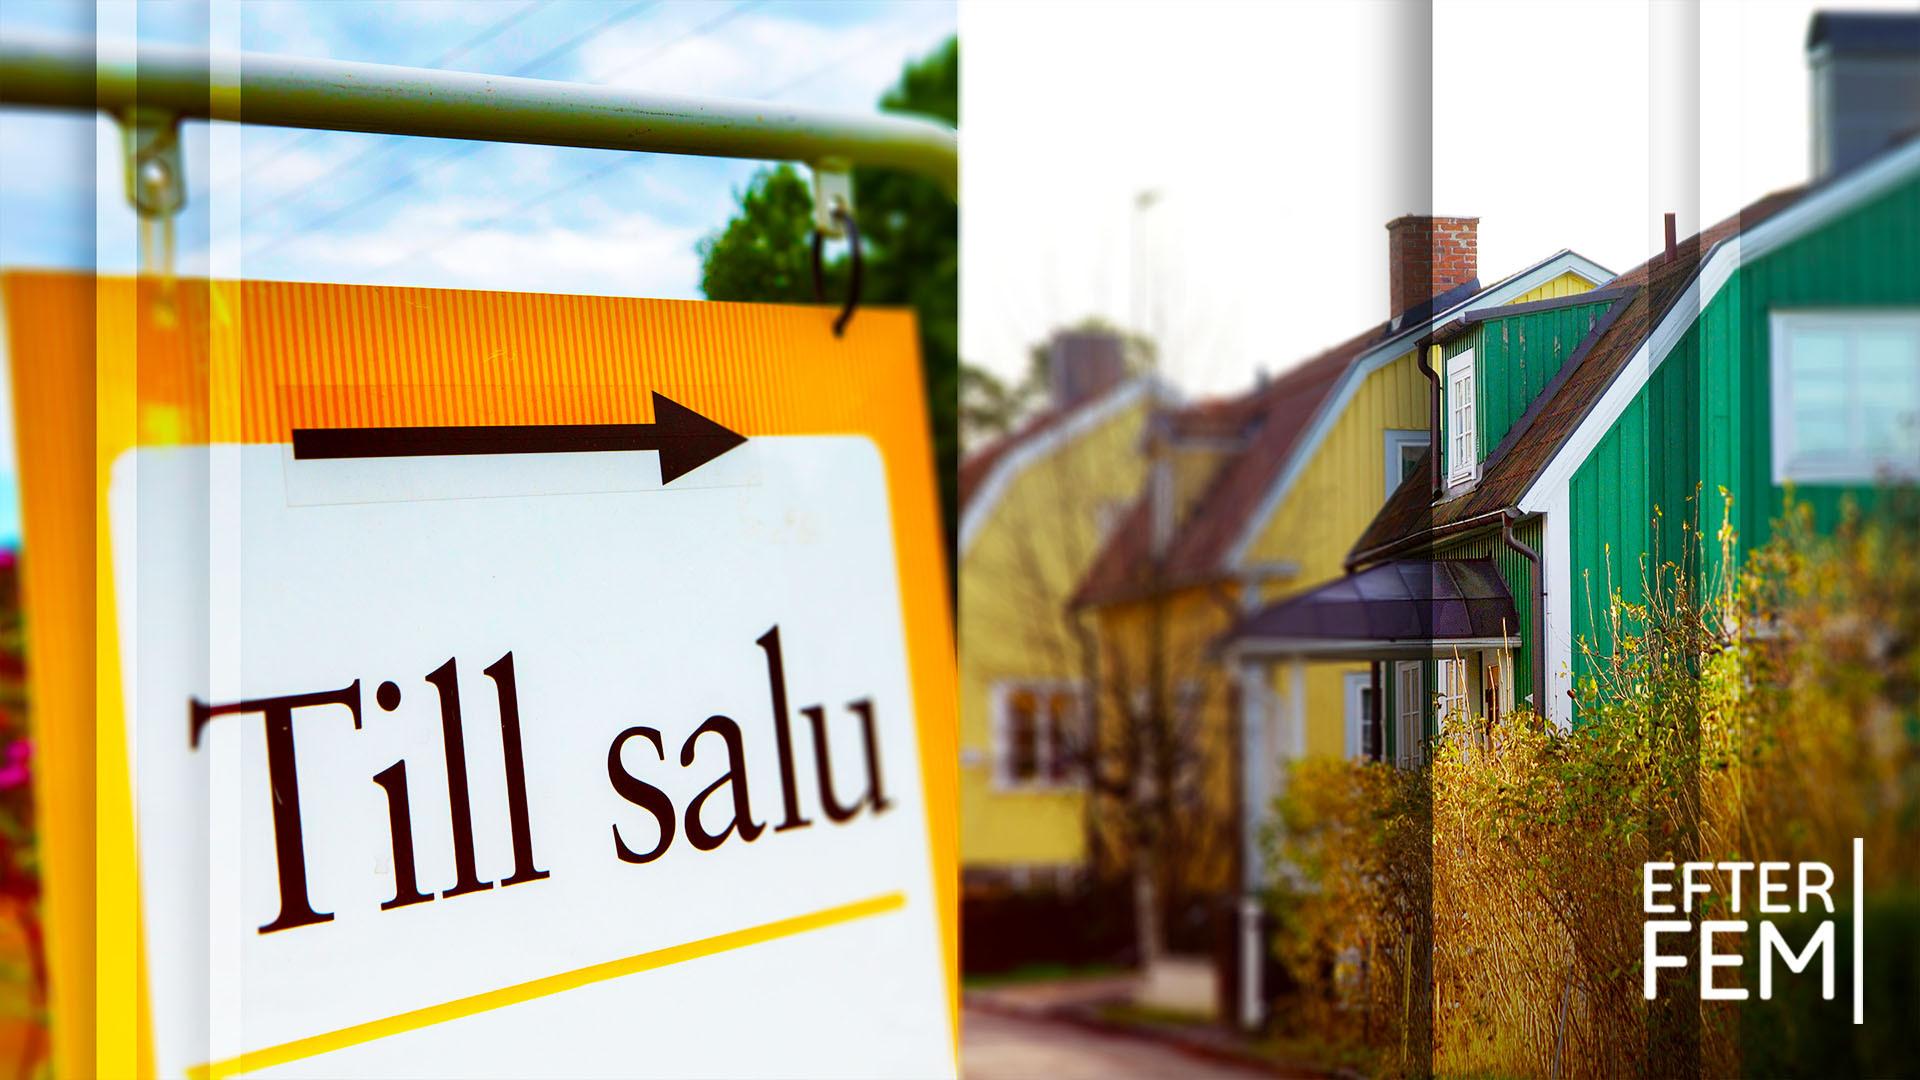 """Därför har villapriserna rekordökat: """"Raketbränsle för bostadsmarknaden"""""""